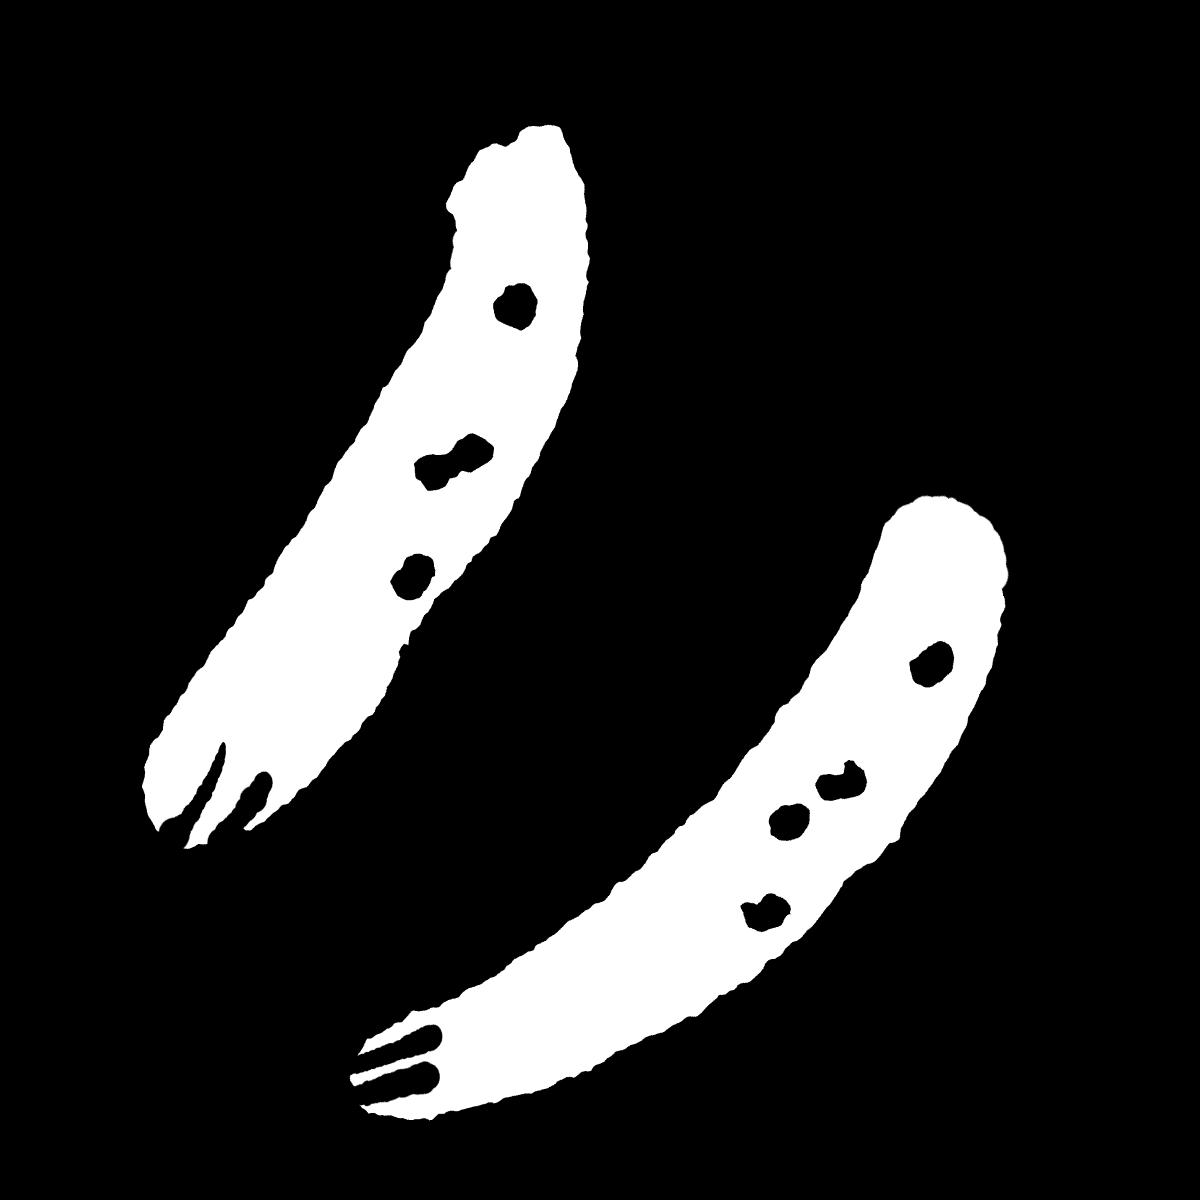 きゅうりのイラスト Cucumber  Illustration